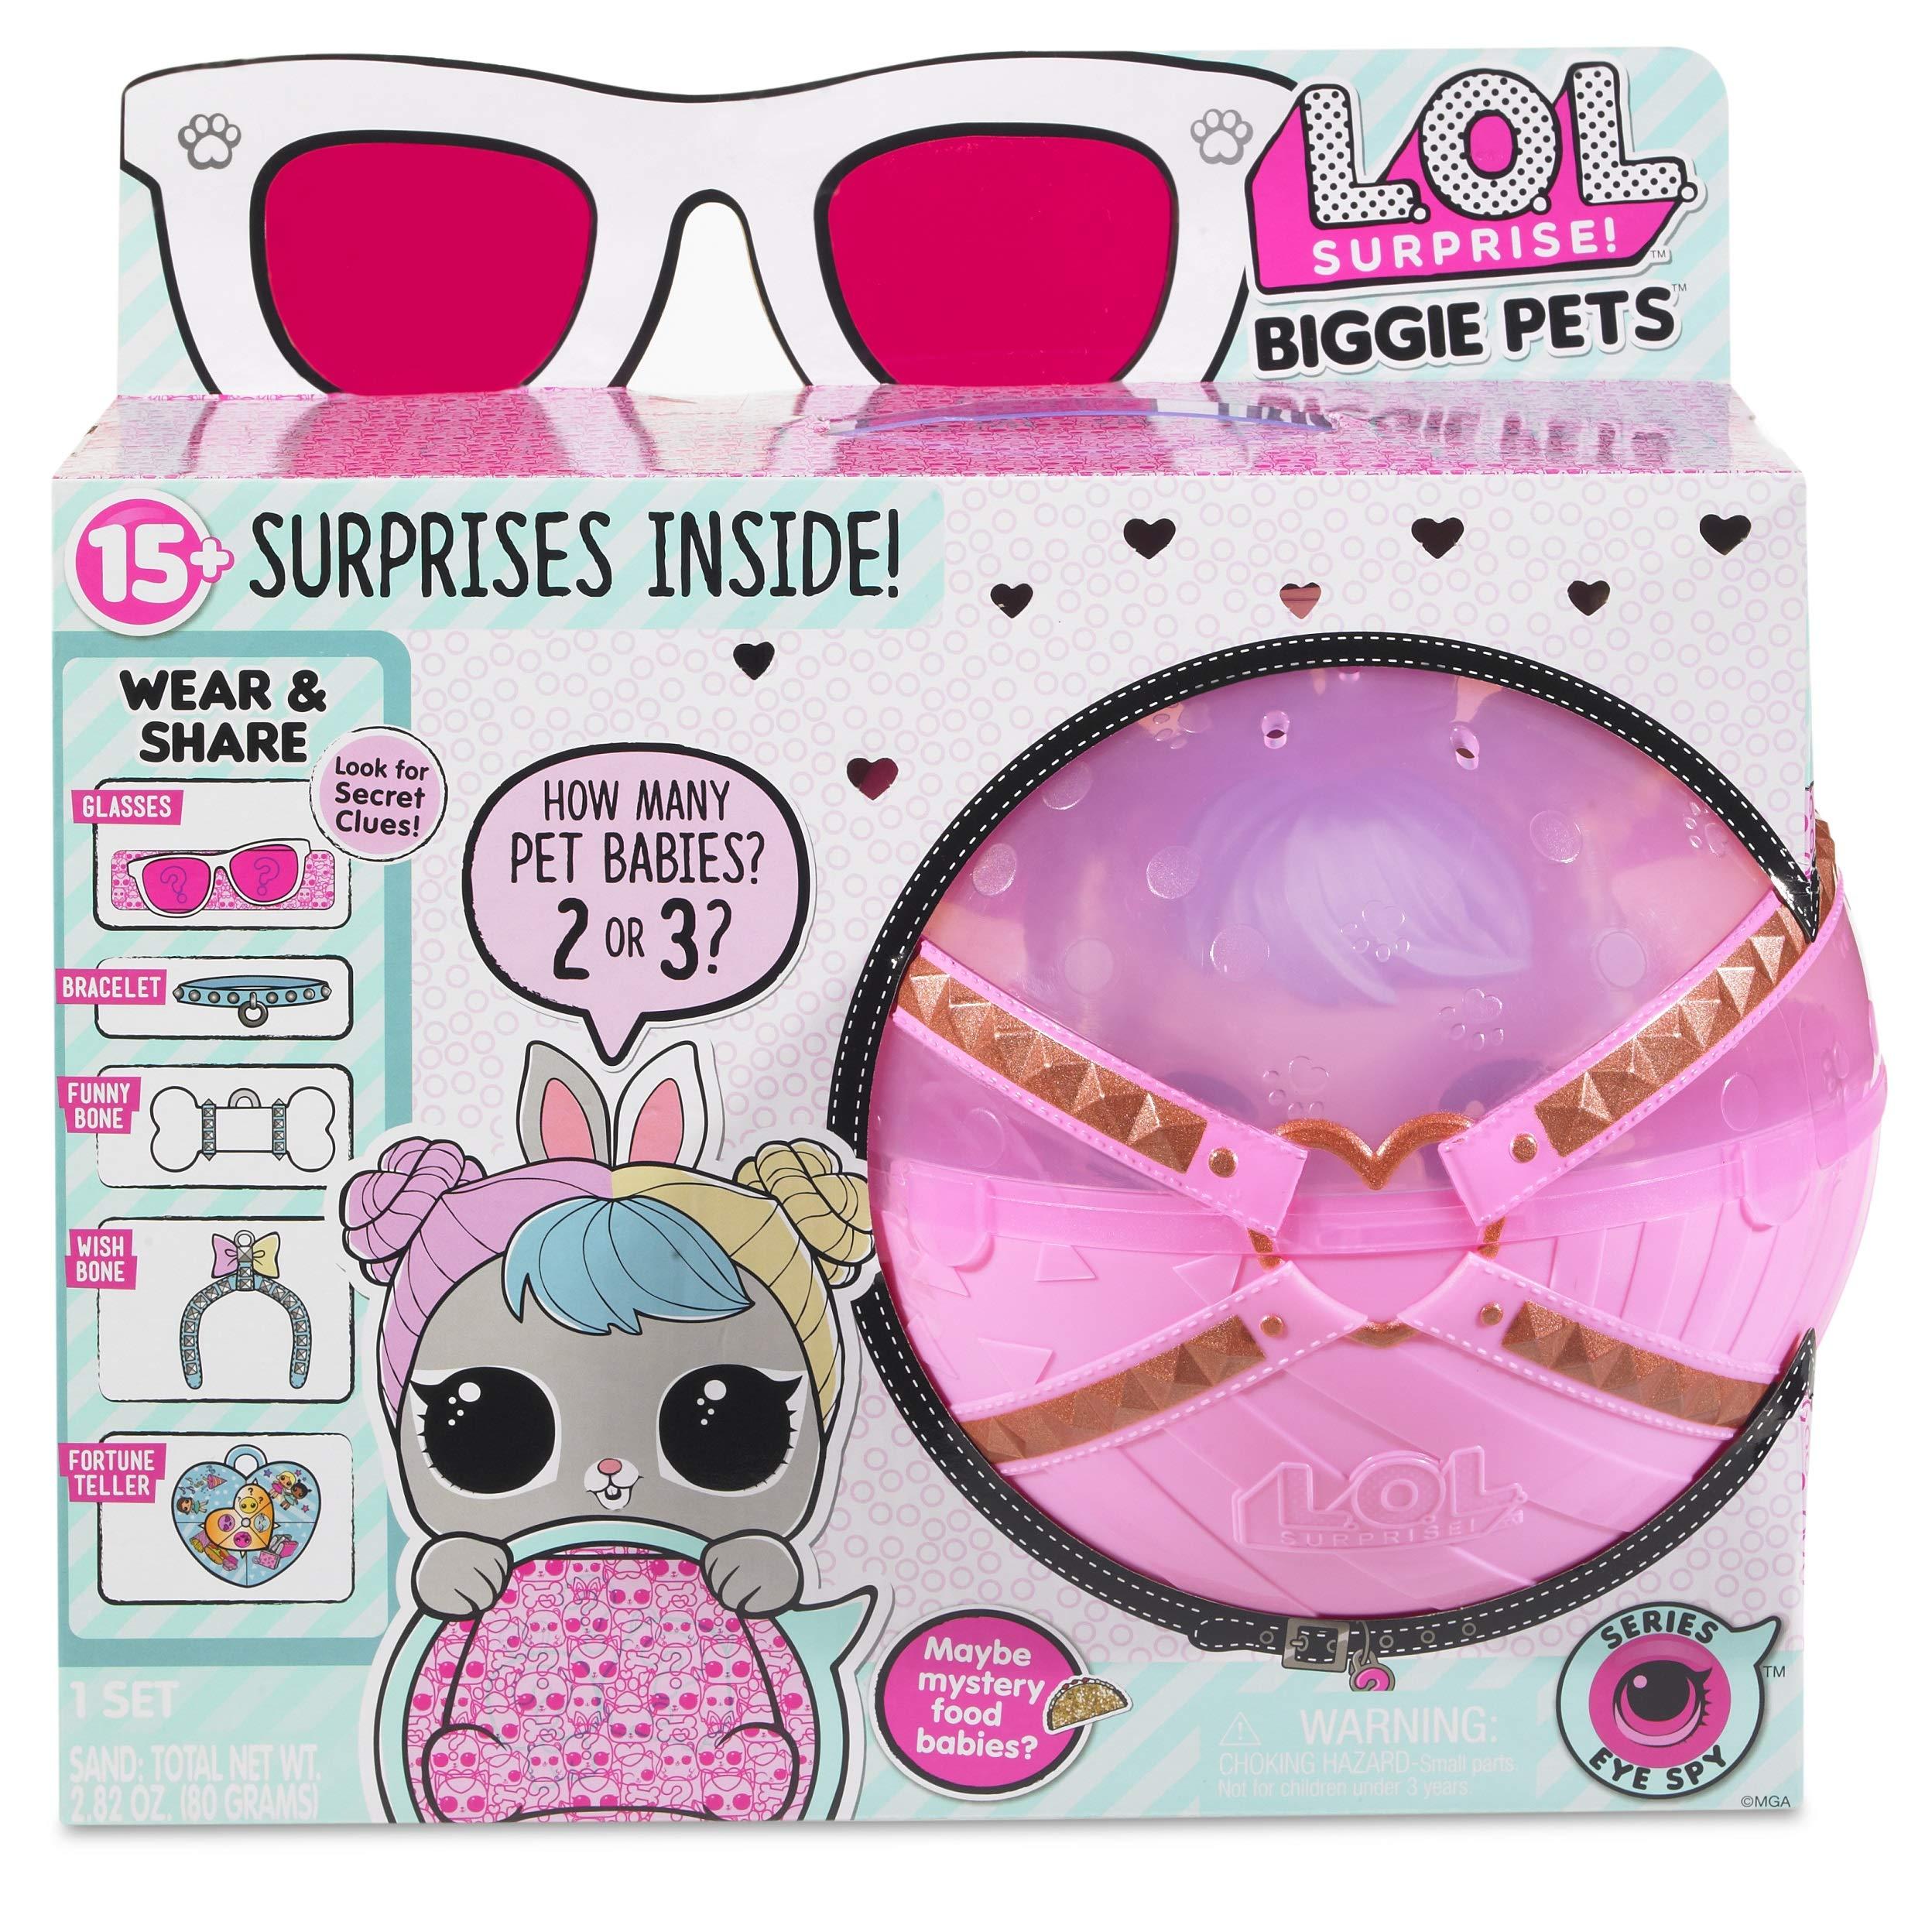 bb9104d6851 L.O.L. Surprise! Biggie Pet Hop Hop - TiendaMIA.com